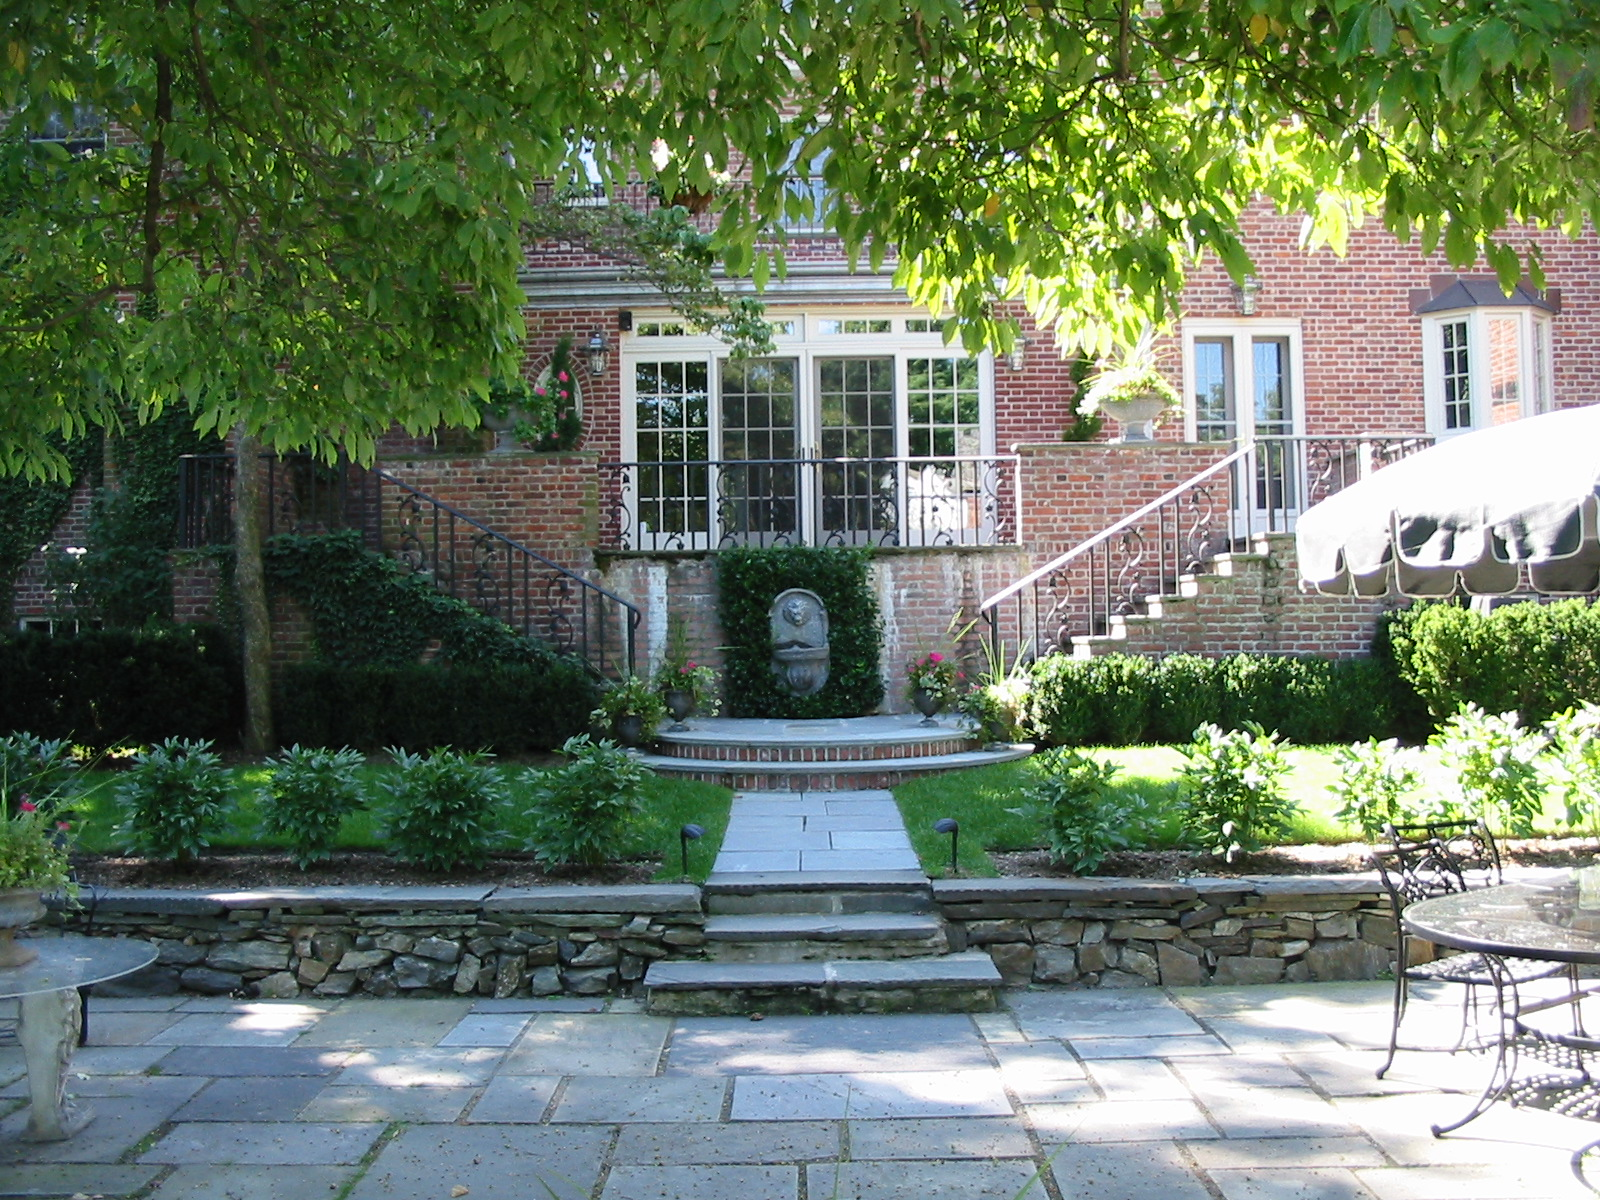 Formal Rear Gardens